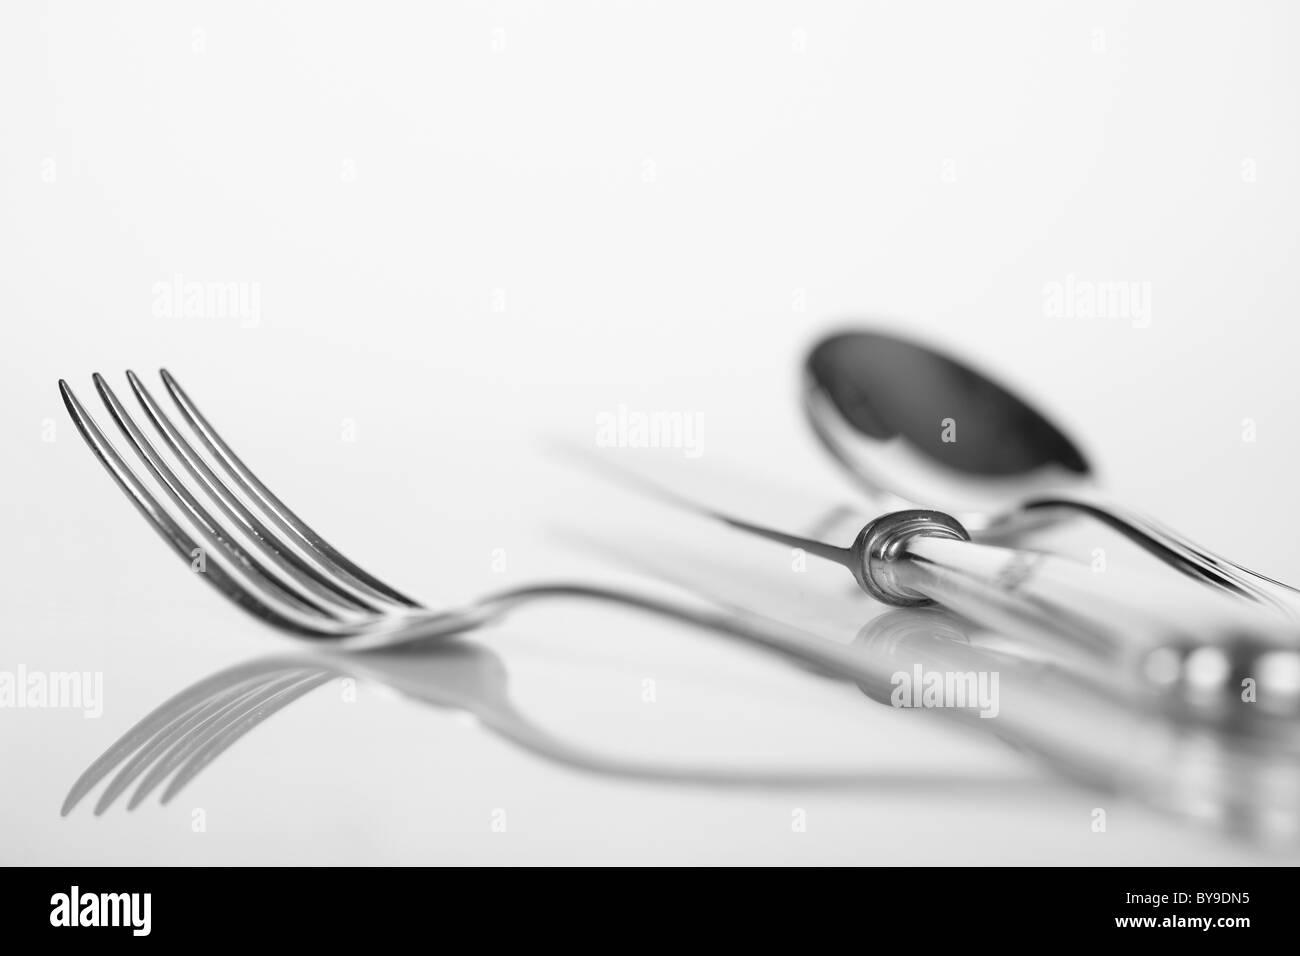 Cuillère, fourchette et couteau sur une surface réfléchissante, couverts Photo Stock